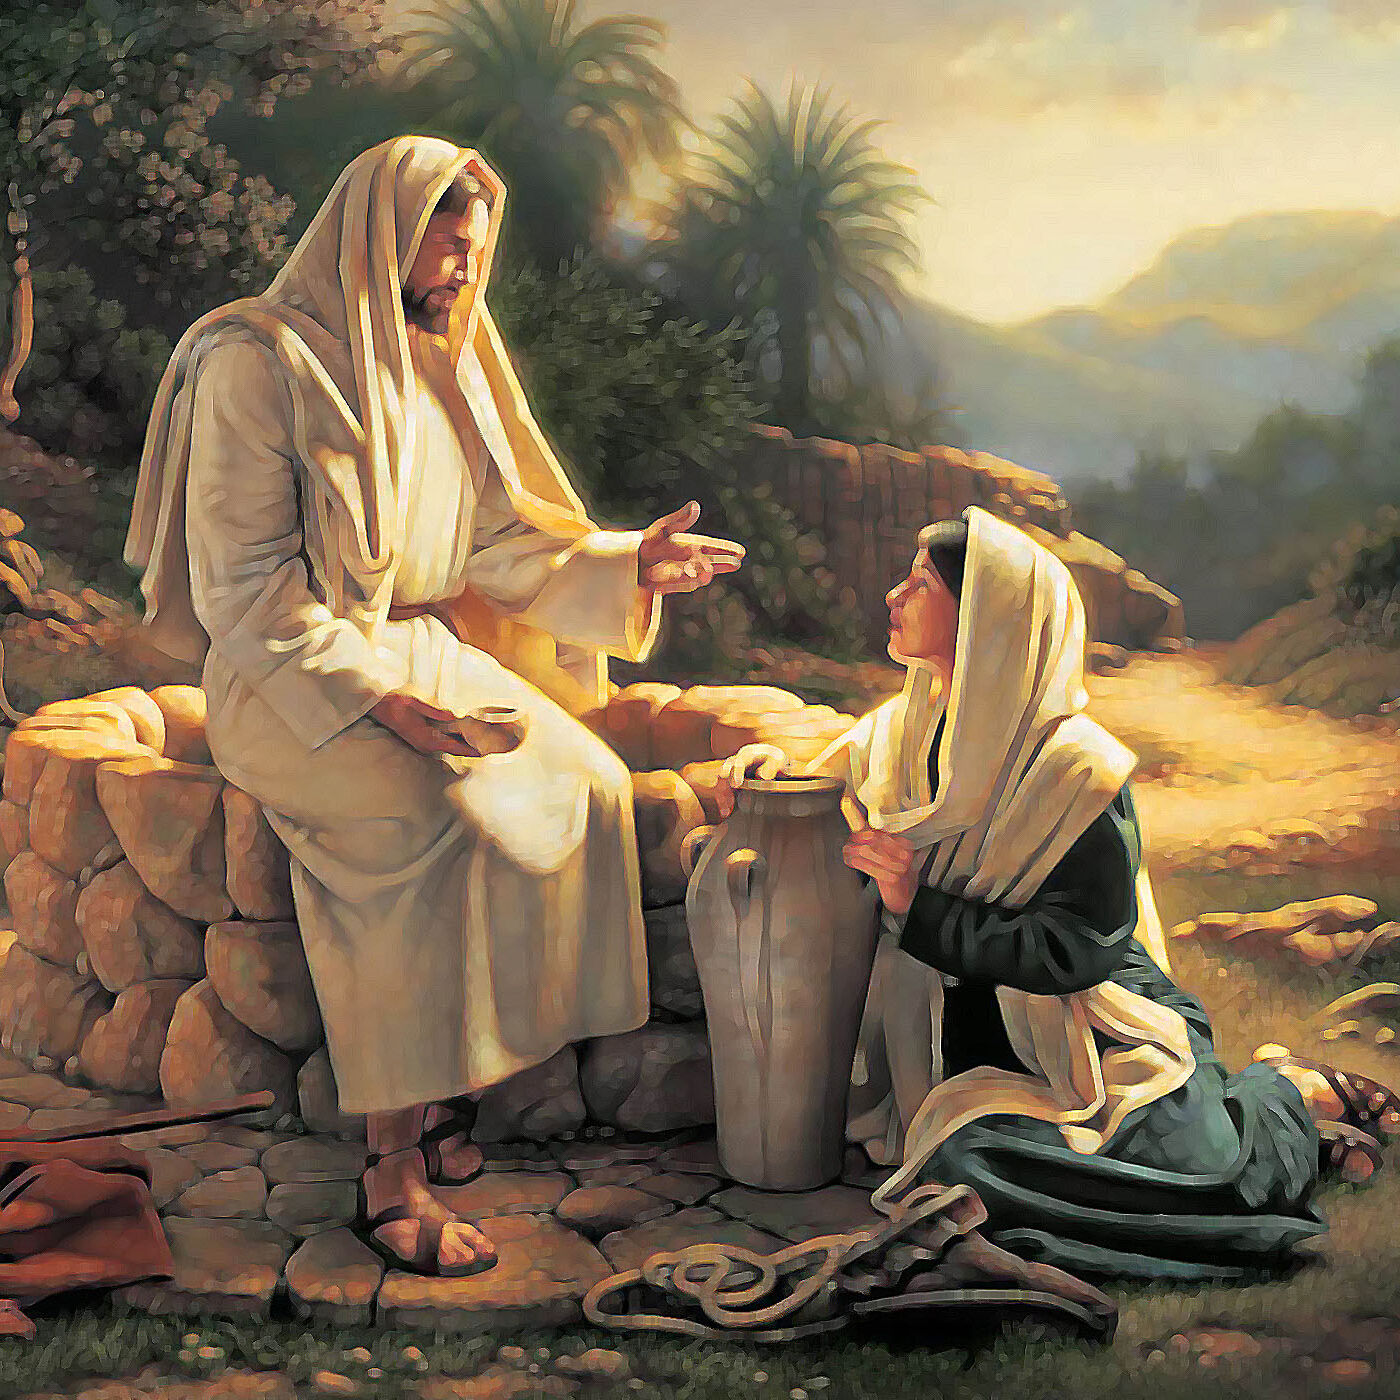 riflessioni sul Vangelo di Martedì 10 Novembre 2020 (Lc 17, 7-10) - Apostola Catherine